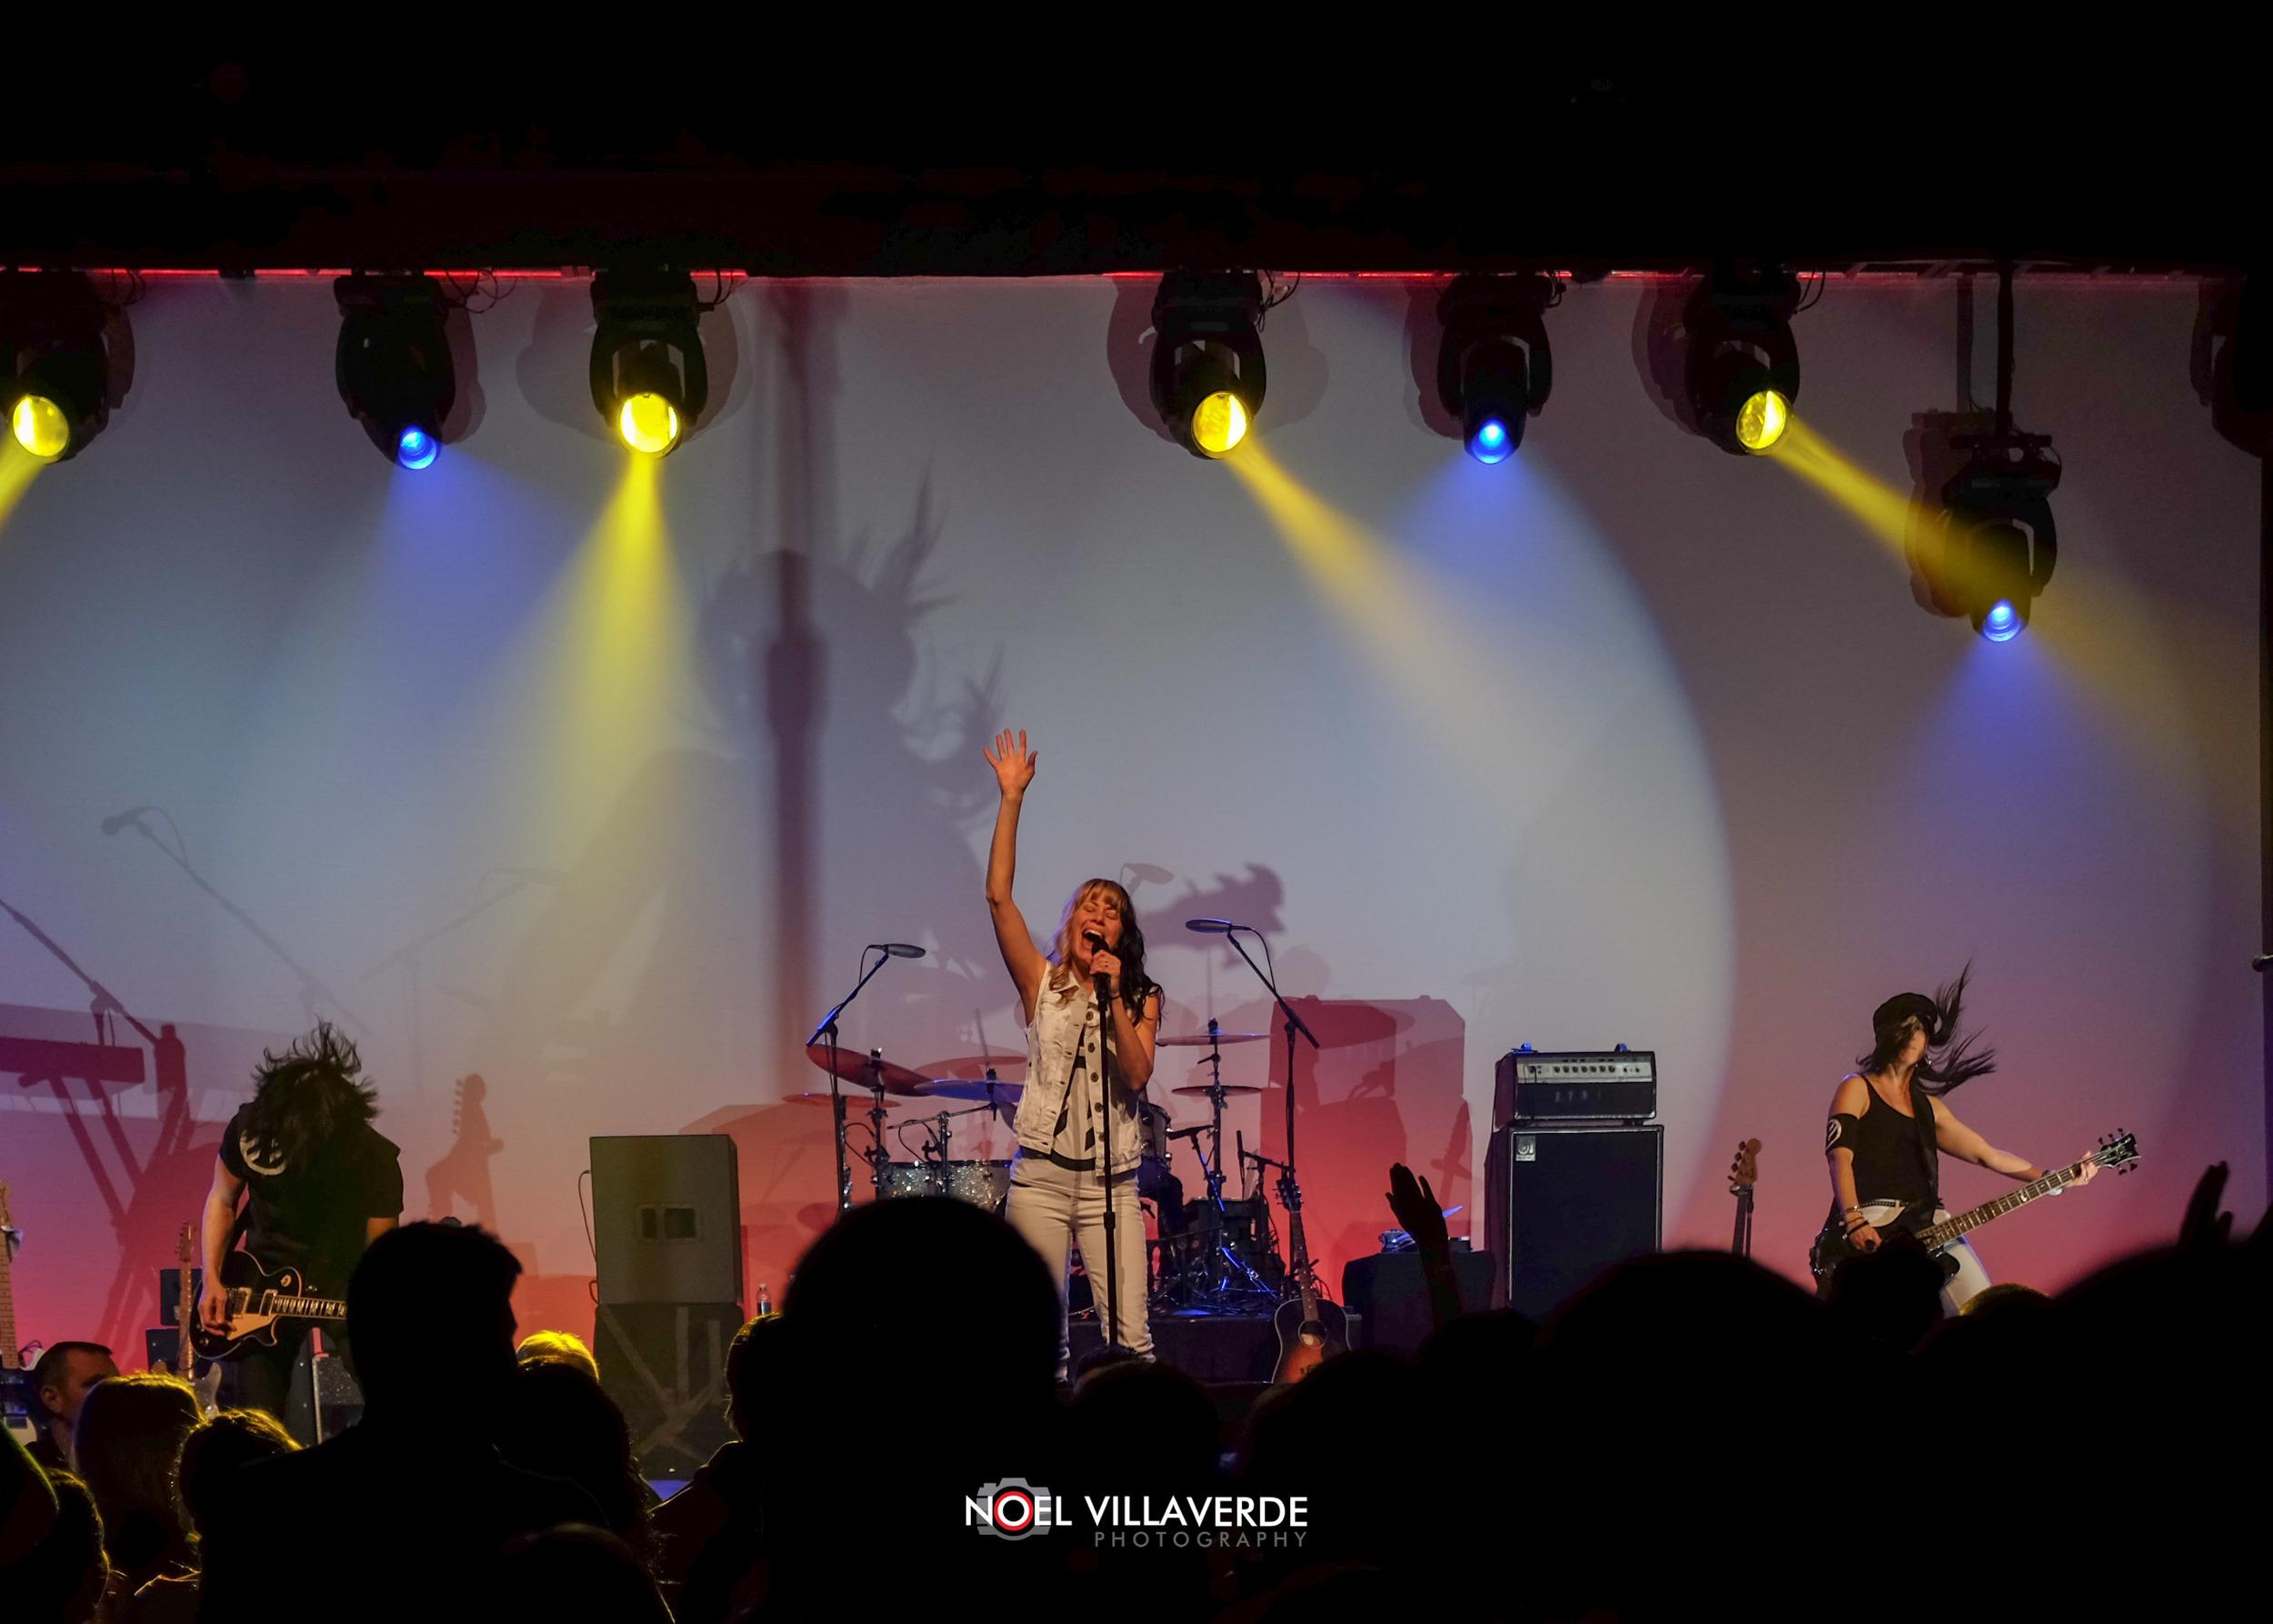 Ignition_Concert-19.jpg